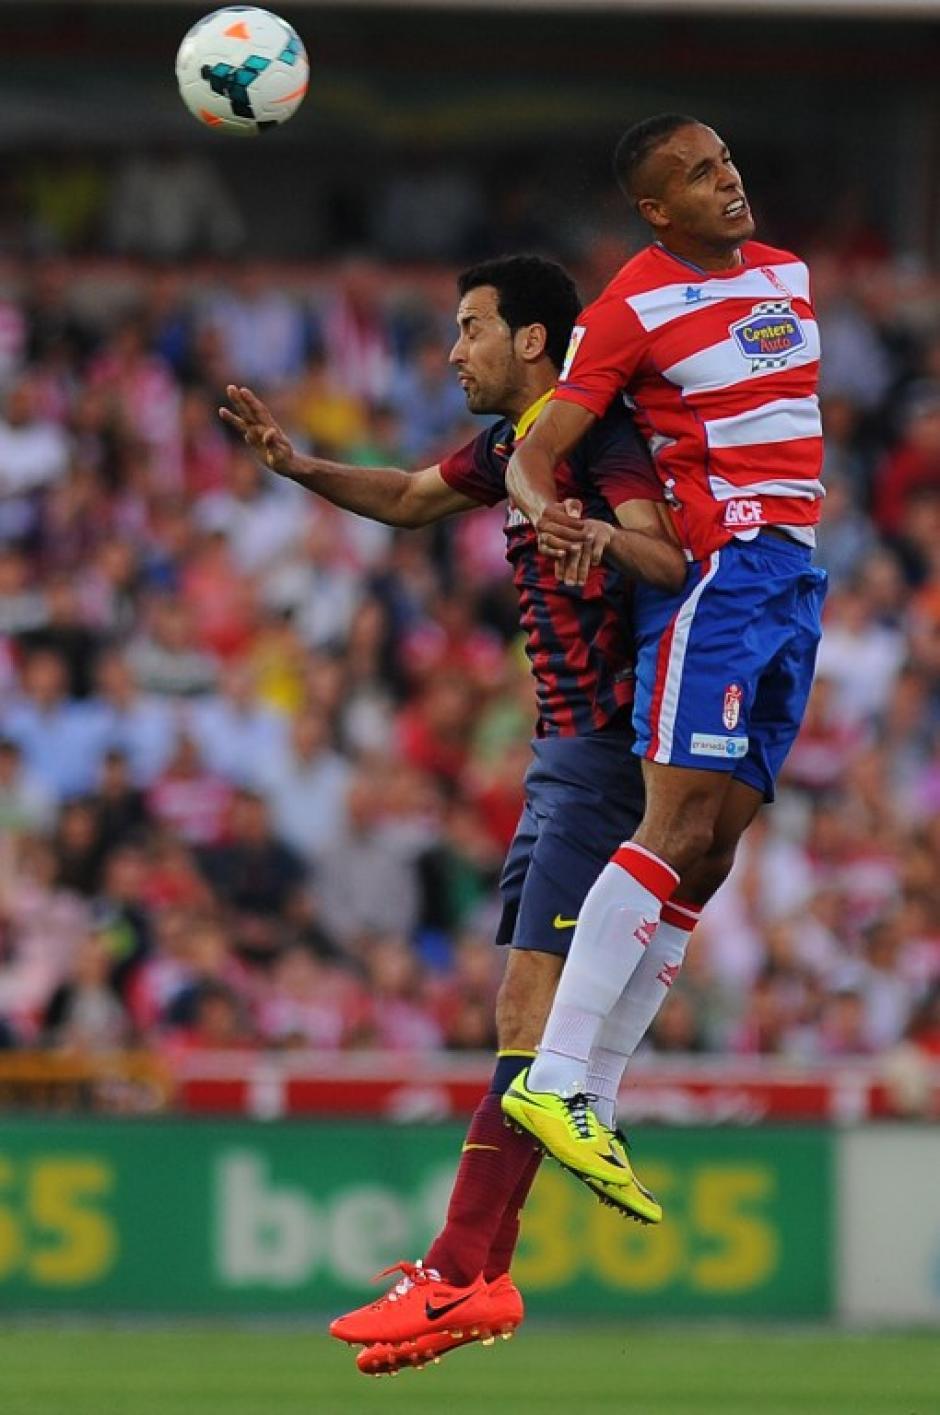 El juego fue peleado y fuerte, con bastantes faltas y un tres tarjetas amarillas para los catalanes